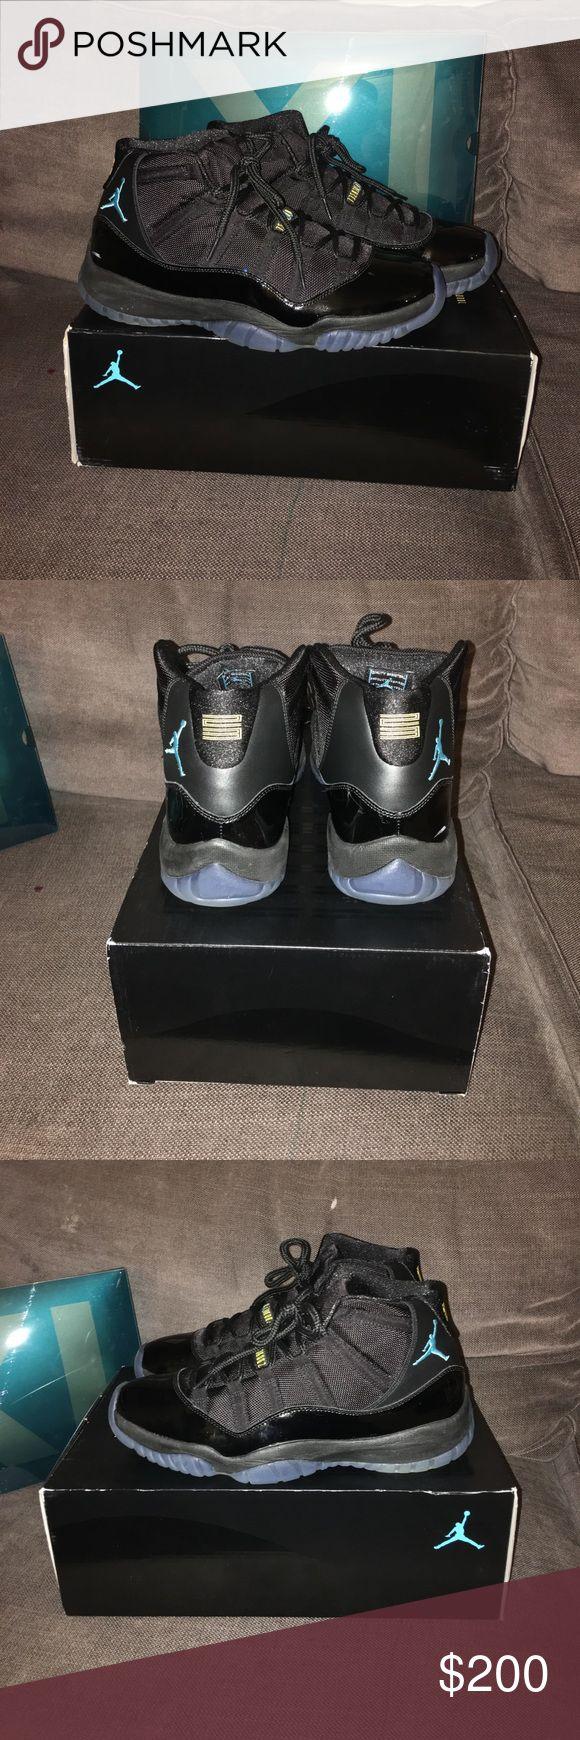 Air Jordan Retro 11s